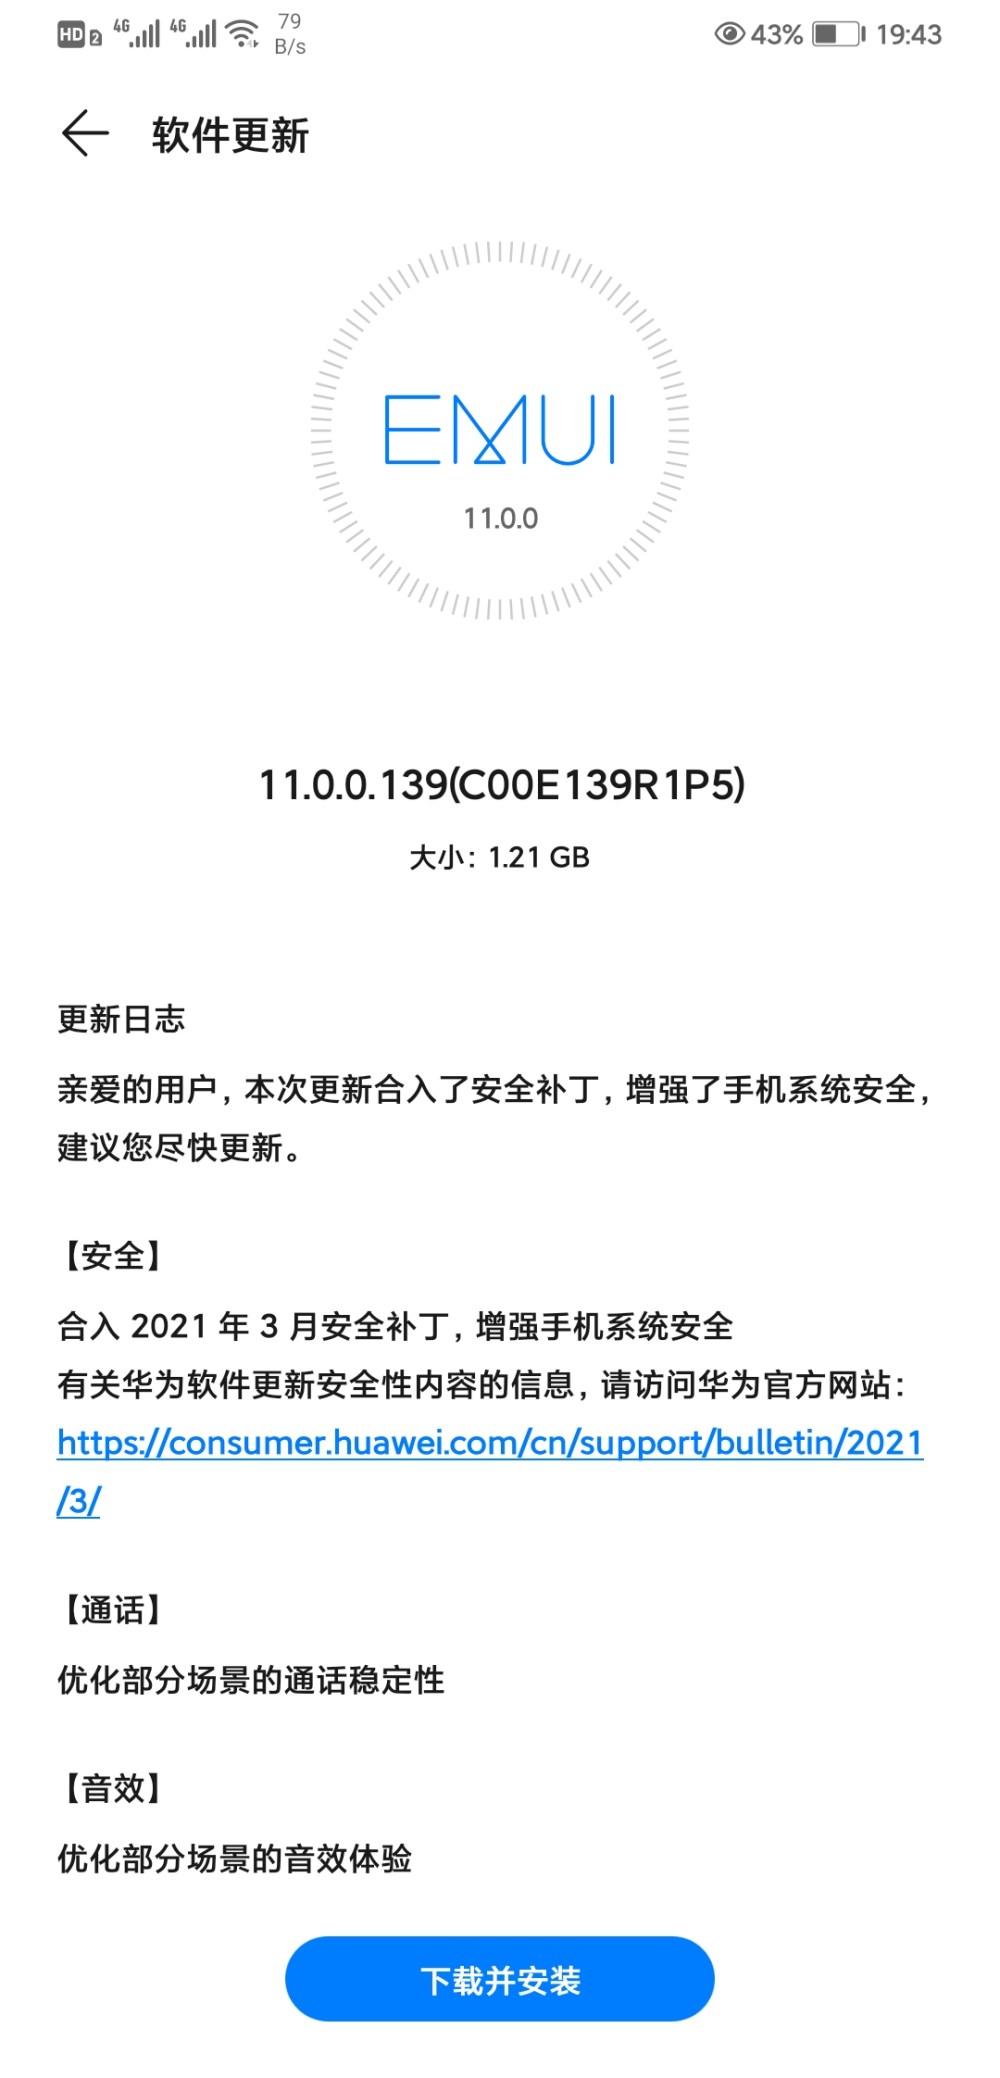 Huawei Mate 20 X EMUI 11.0.0.139